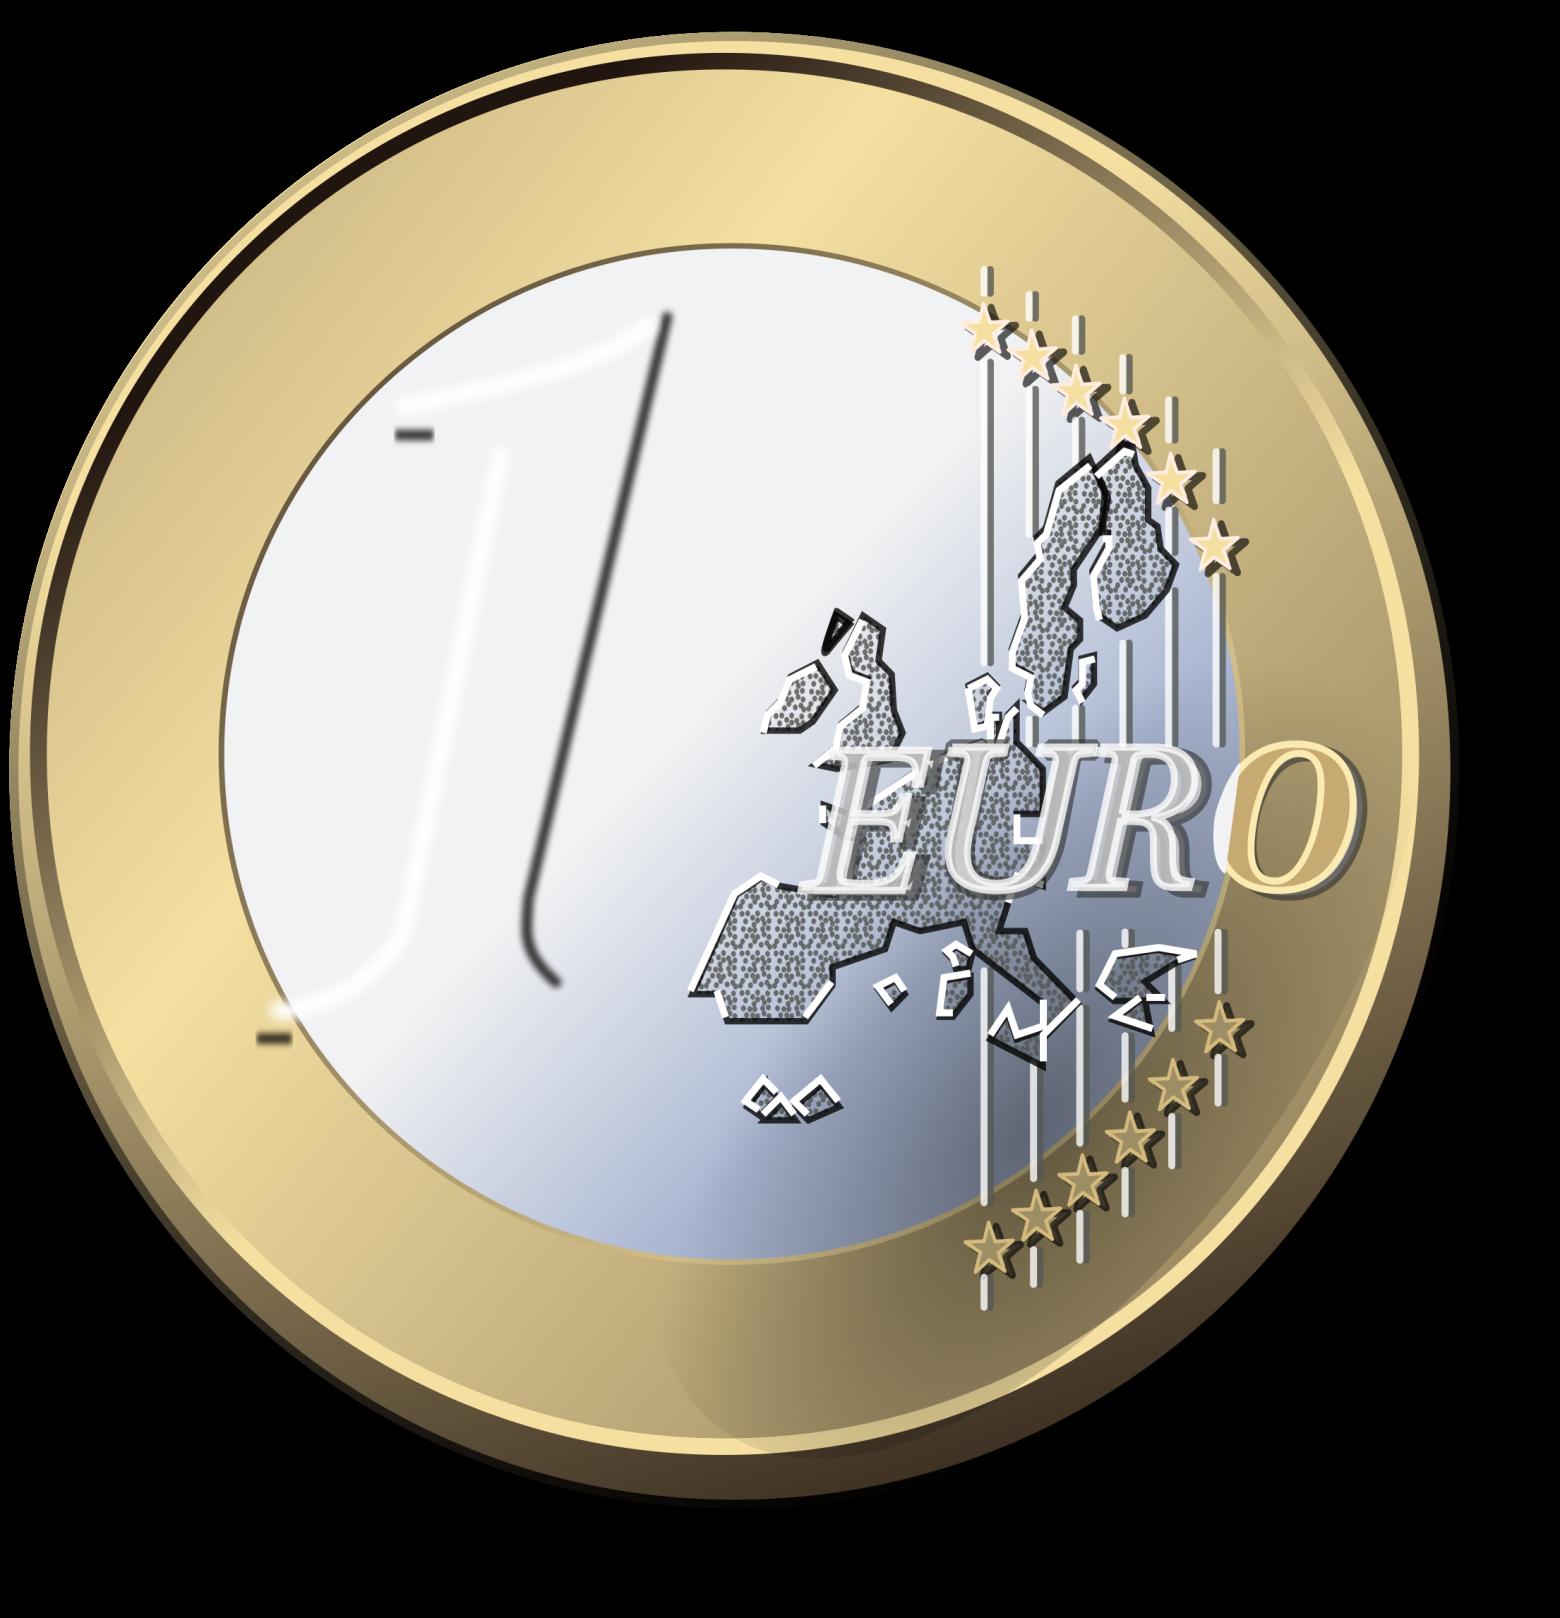 1 euro pi ce de monnaie images photos gratuites images gratuites et libres de droits. Black Bedroom Furniture Sets. Home Design Ideas